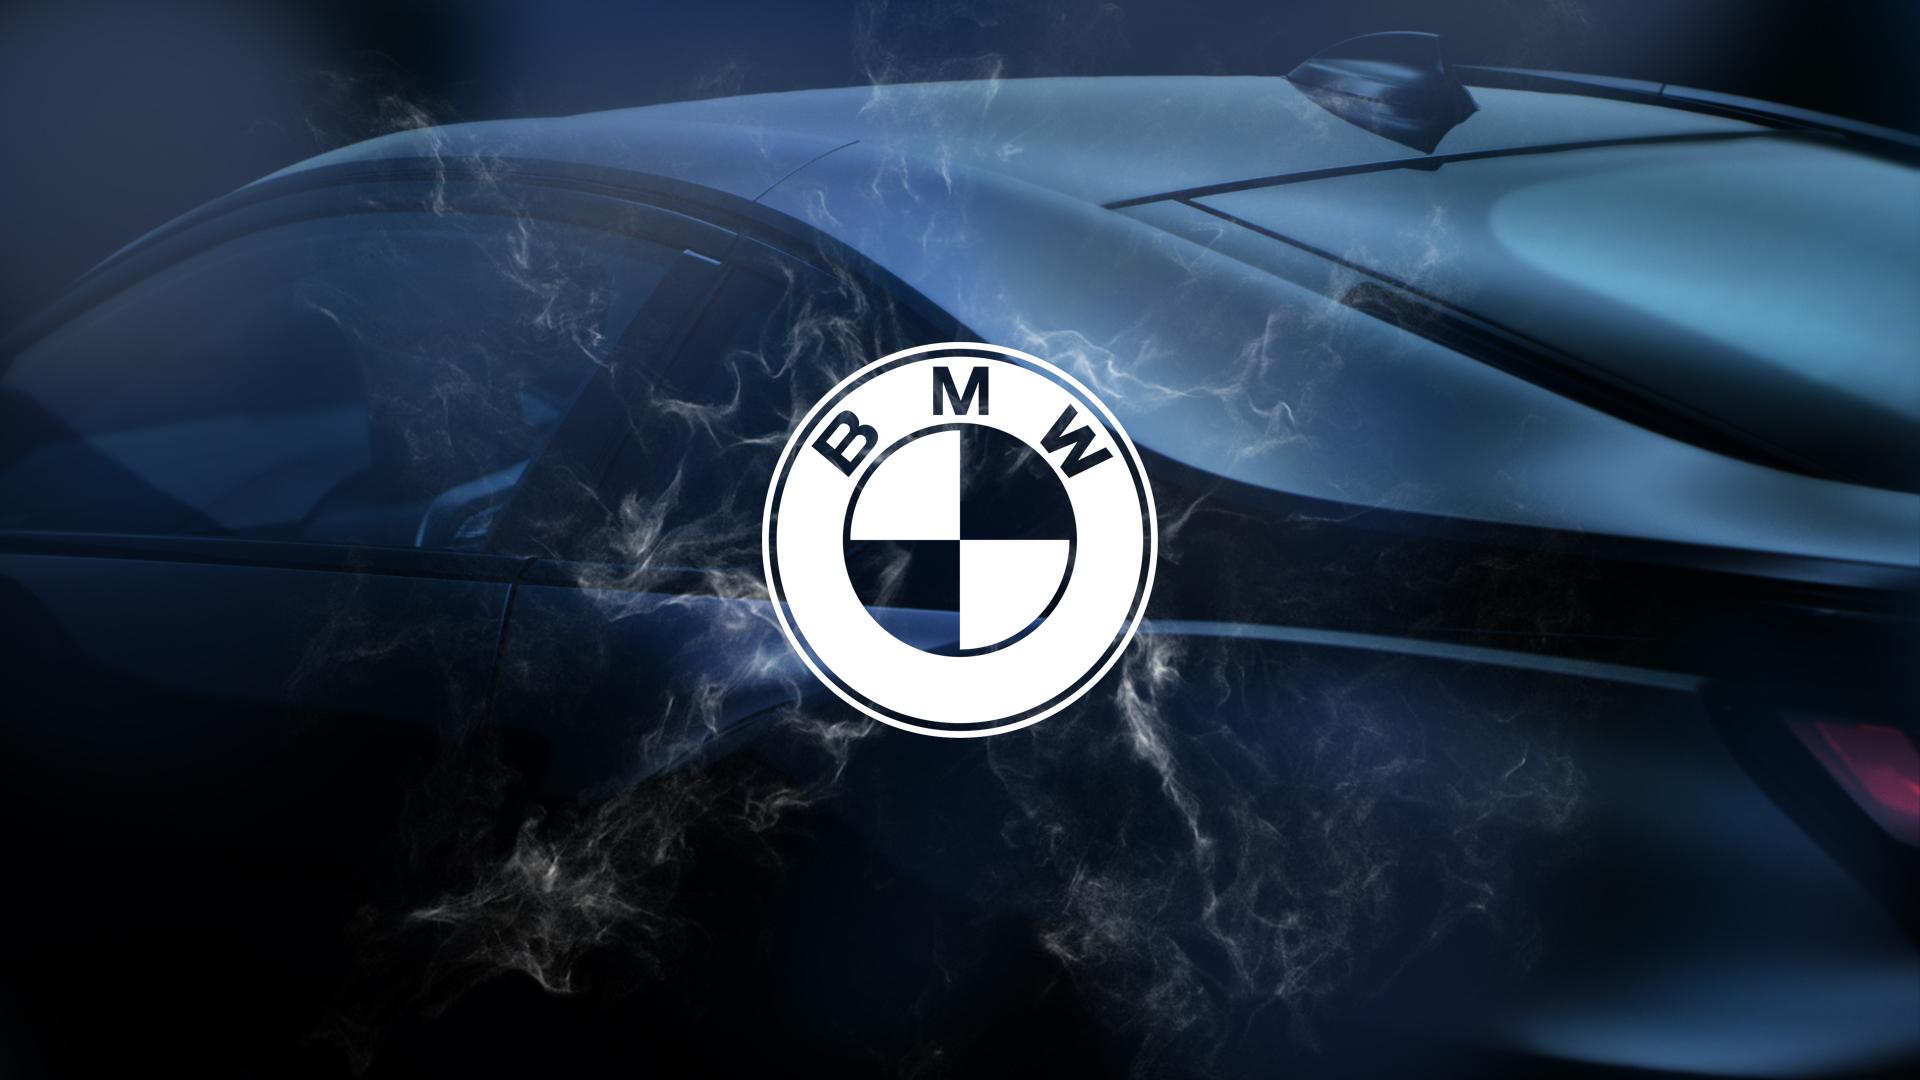 BMW_Holder